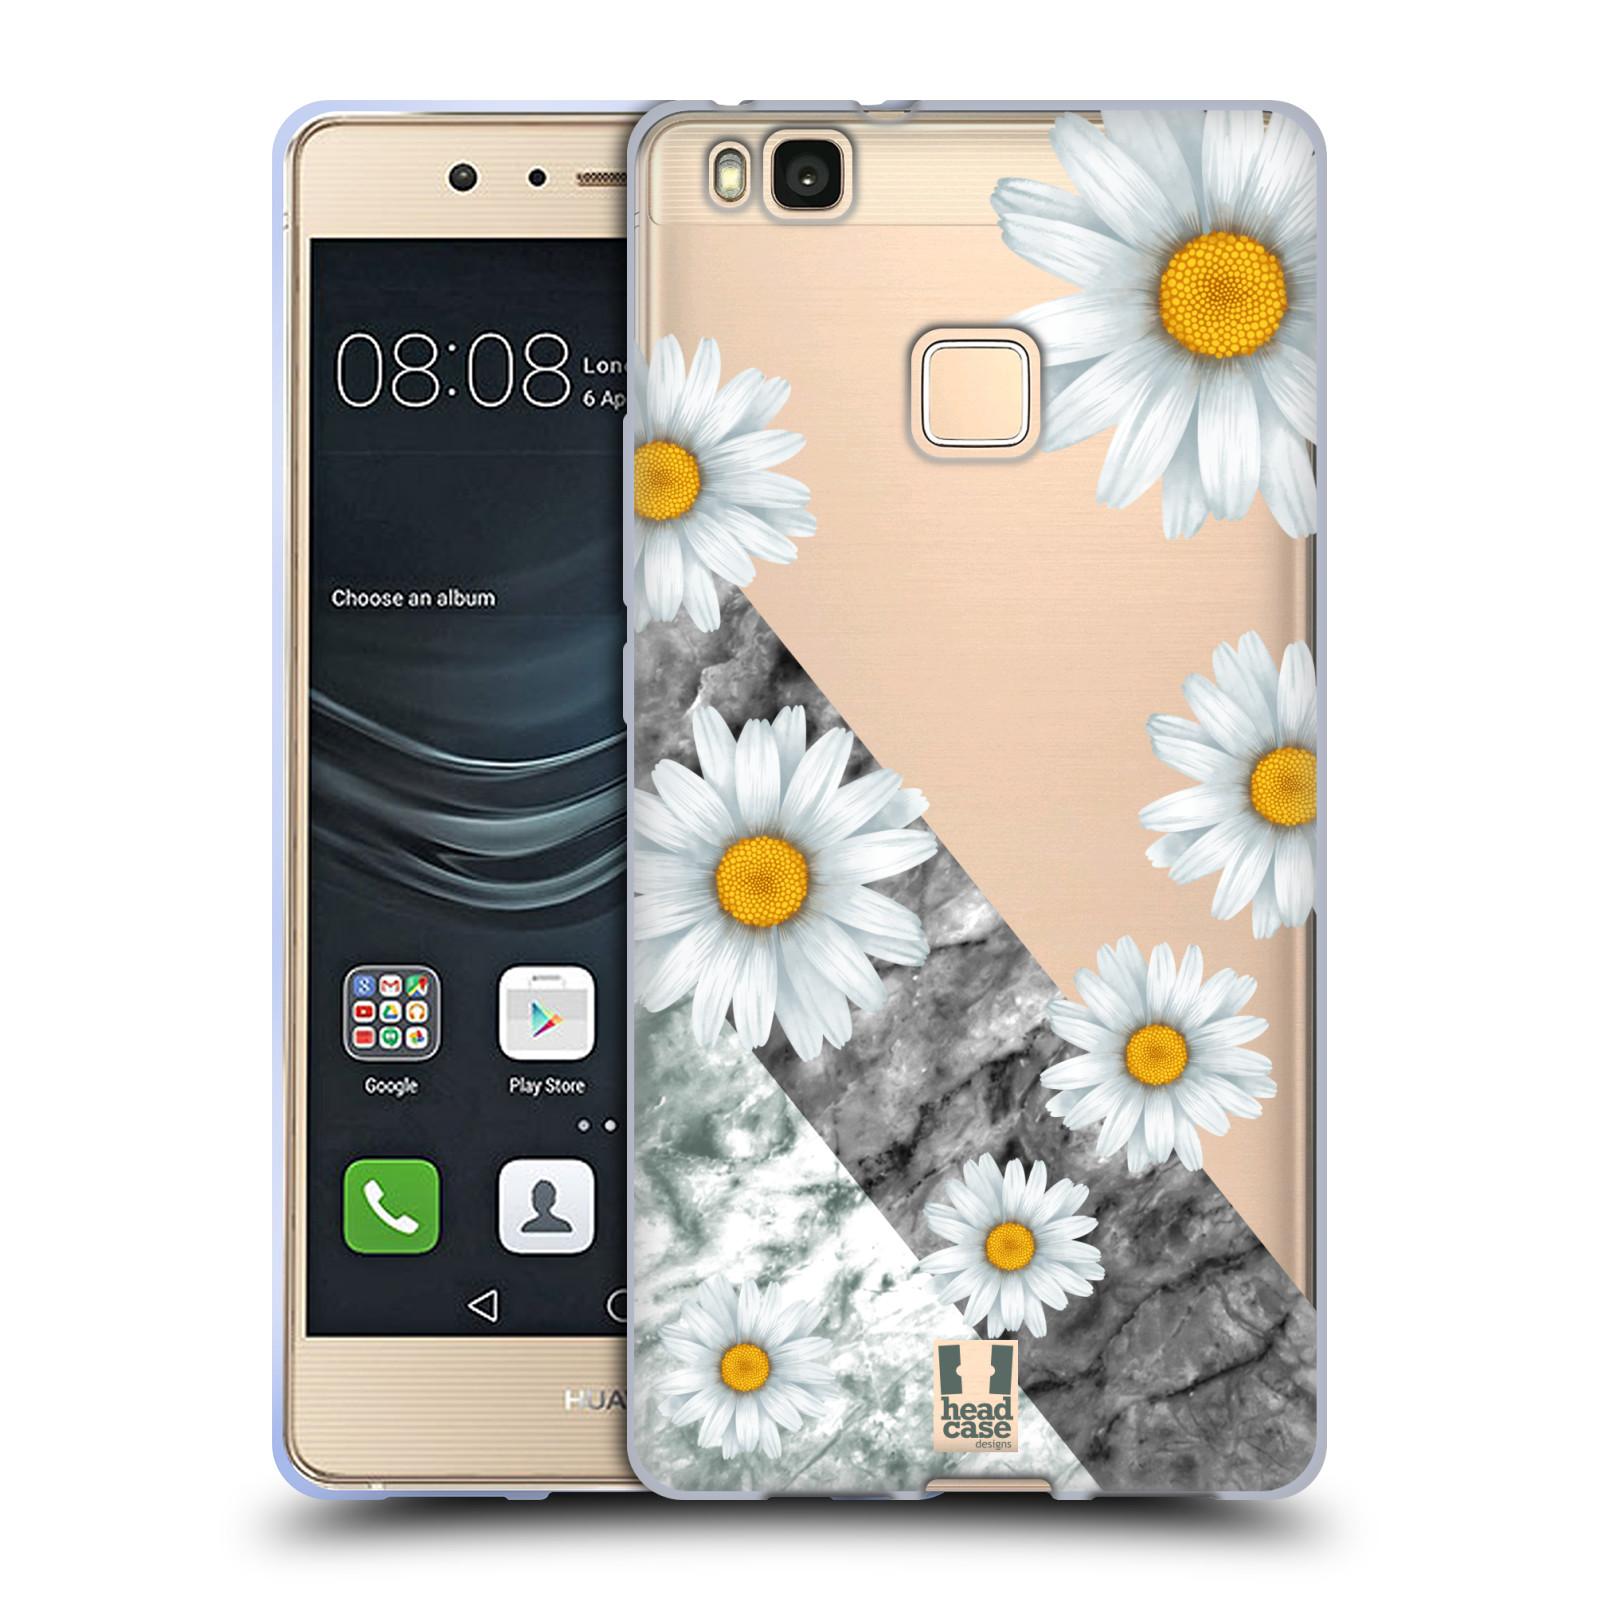 Silikonové pouzdro na mobil Huawei P9 Lite - Head Case - Kopretiny a mramor